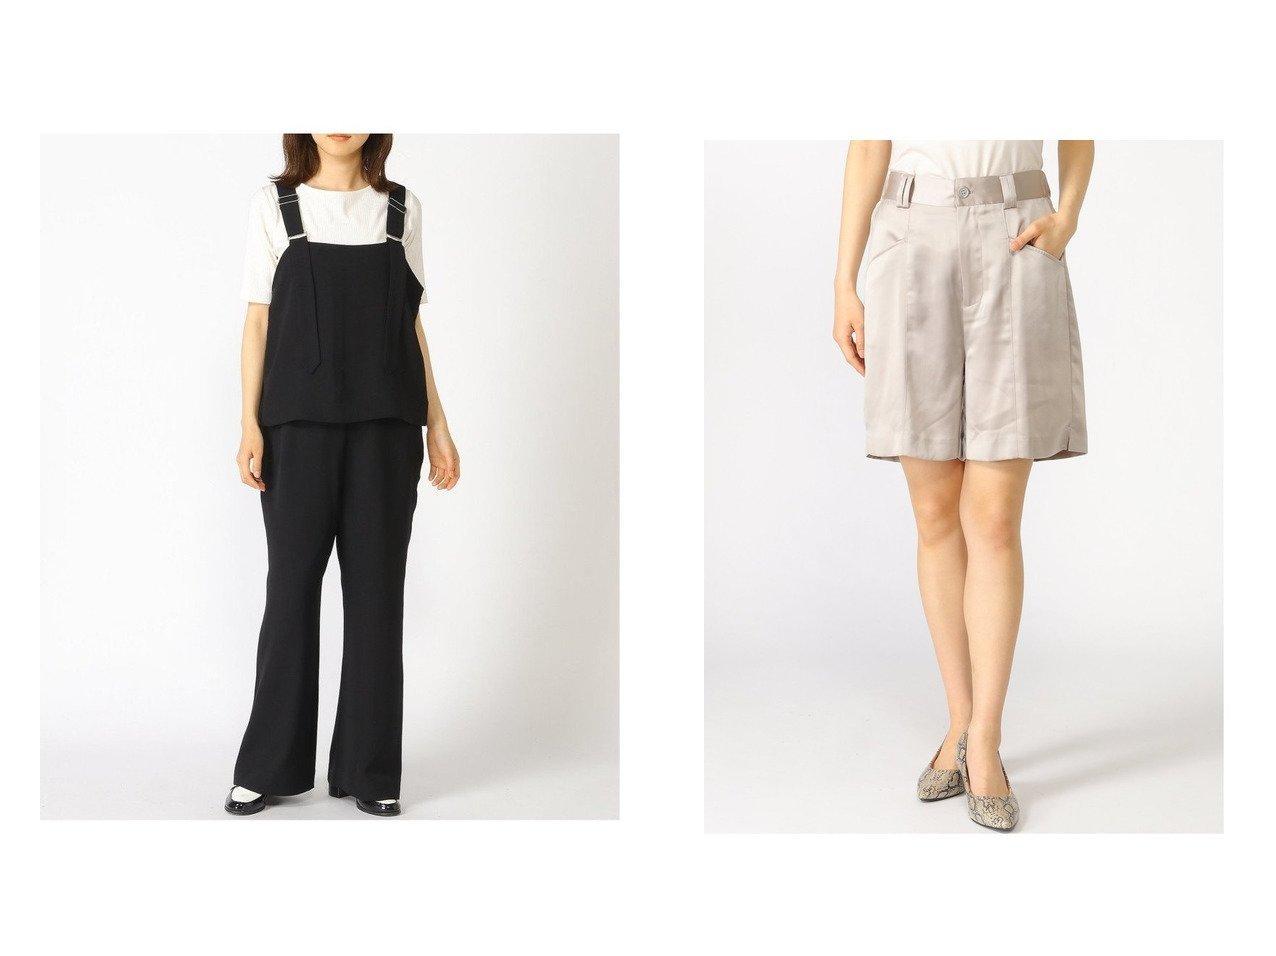 【JEANASiS/ジーナシス】のレイヤーサロペ&ワッシャーサテンキリカエSP 【プチプライス・低価格】おすすめ!人気、トレンド・レディースファッションの通販 おすすめで人気の流行・トレンド、ファッションの通販商品 インテリア・家具・メンズファッション・キッズファッション・レディースファッション・服の通販 founy(ファニー) https://founy.com/ ファッション Fashion レディースファッション WOMEN パンツ Pants ハーフ / ショートパンツ Short Pants NEW・新作・新着・新入荷 New Arrivals インナー カットソー サロペット ジーンズ サテン サンダル ショート シンプル ワッシャー 切替  ID:crp329100000042719